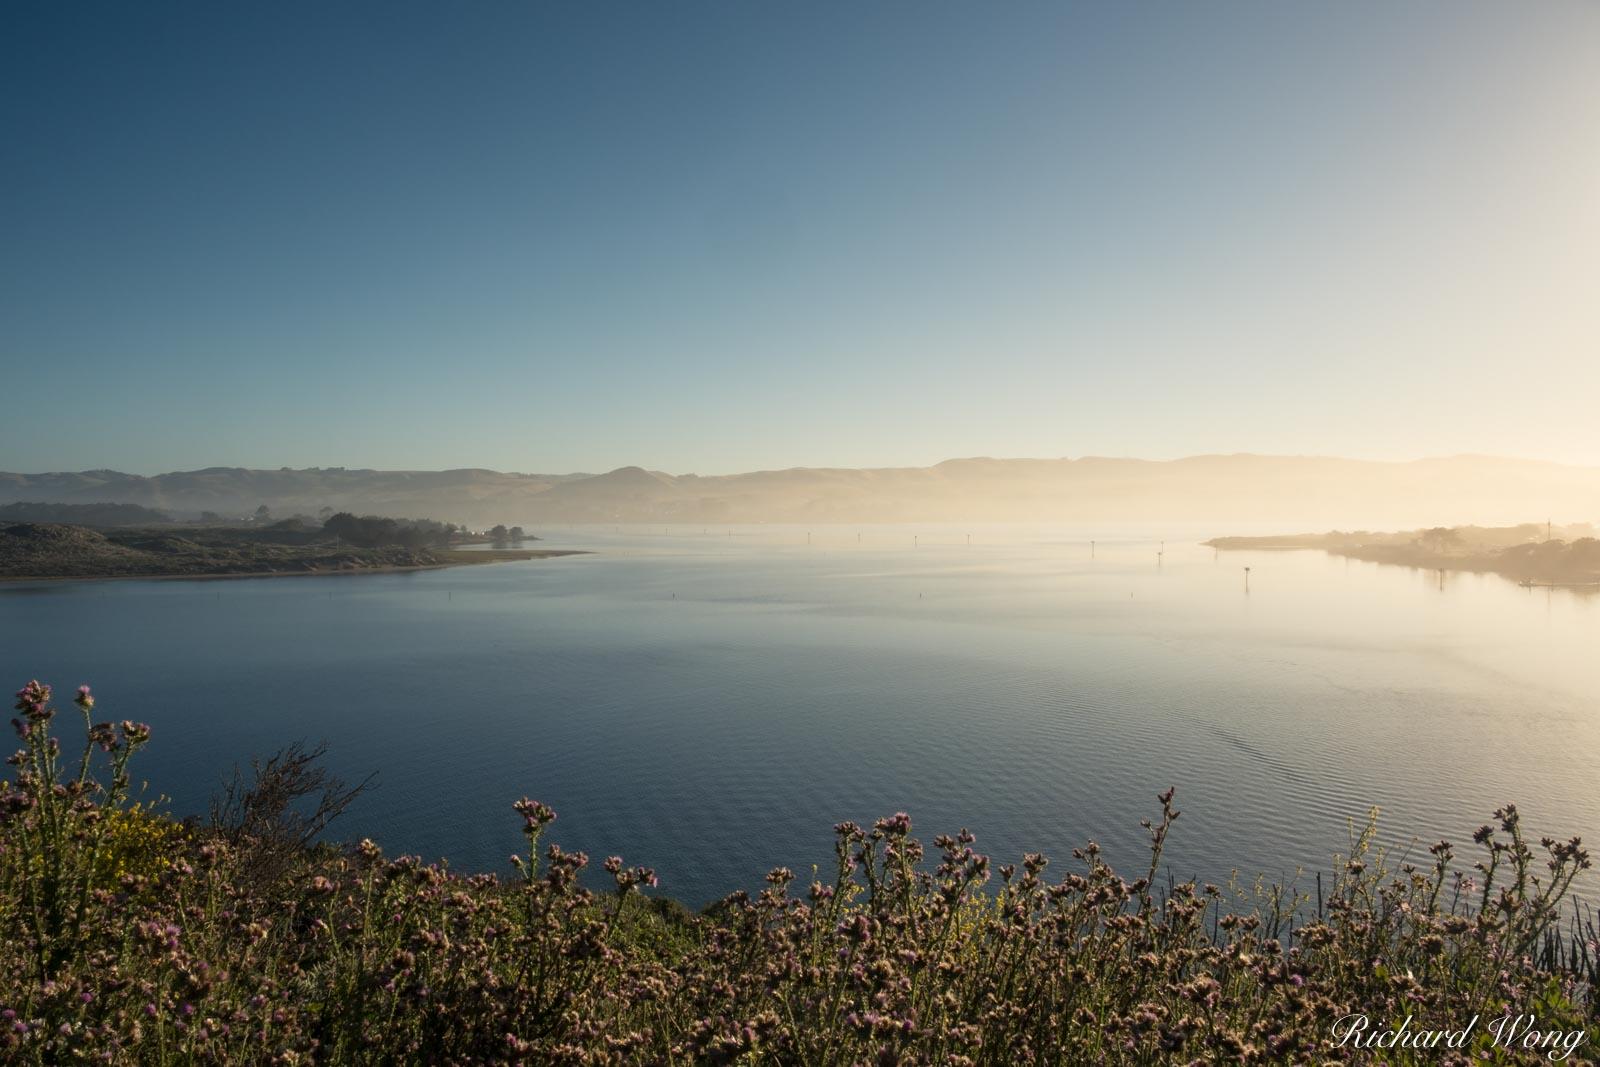 Bodega Harbor, Bodega Bay, California, photo